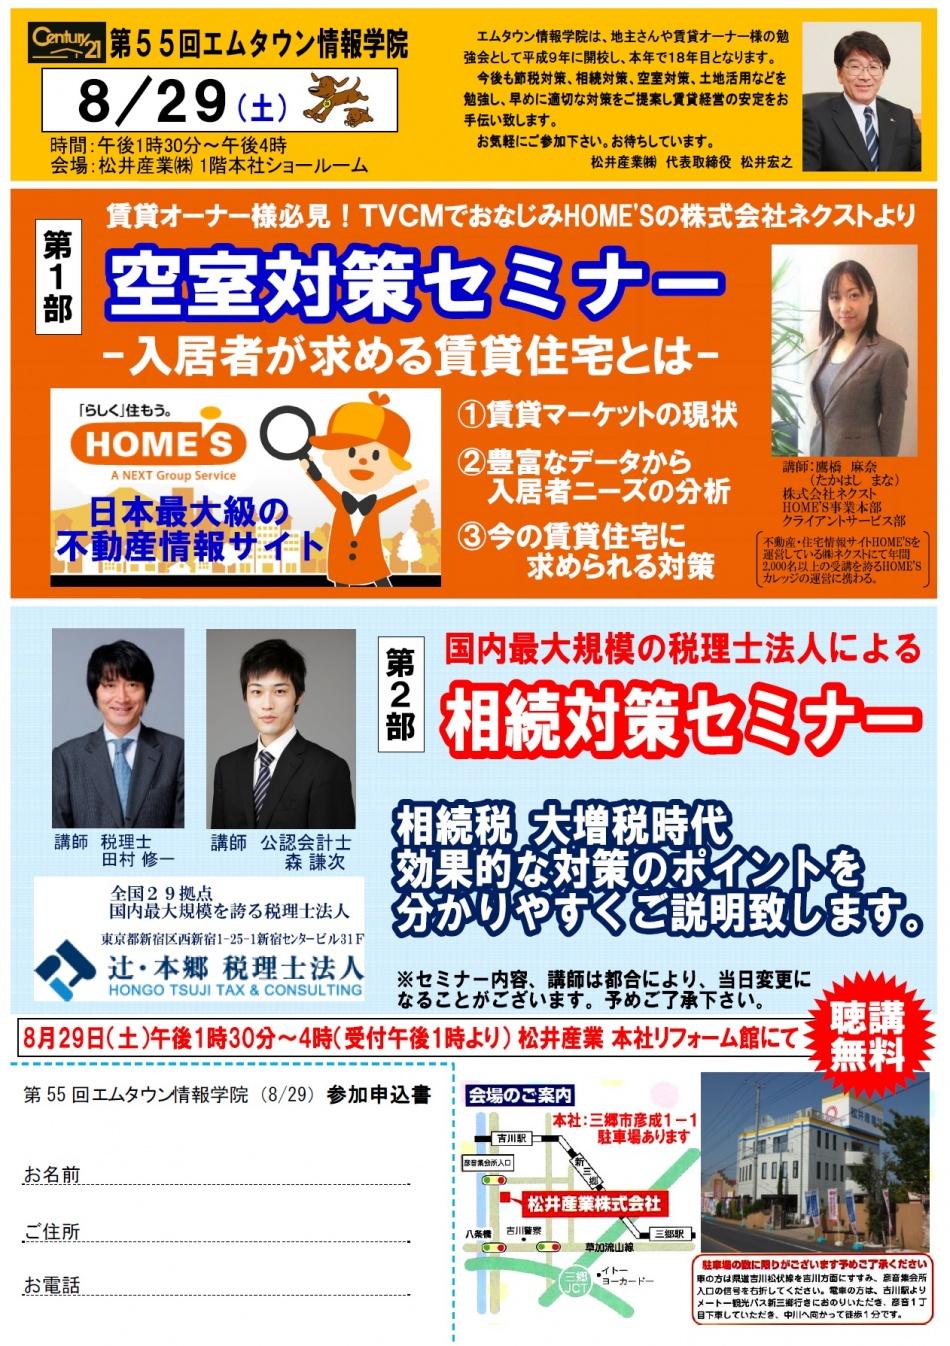 【空室相続対策セミナー】松井産業エムタウン情報学院